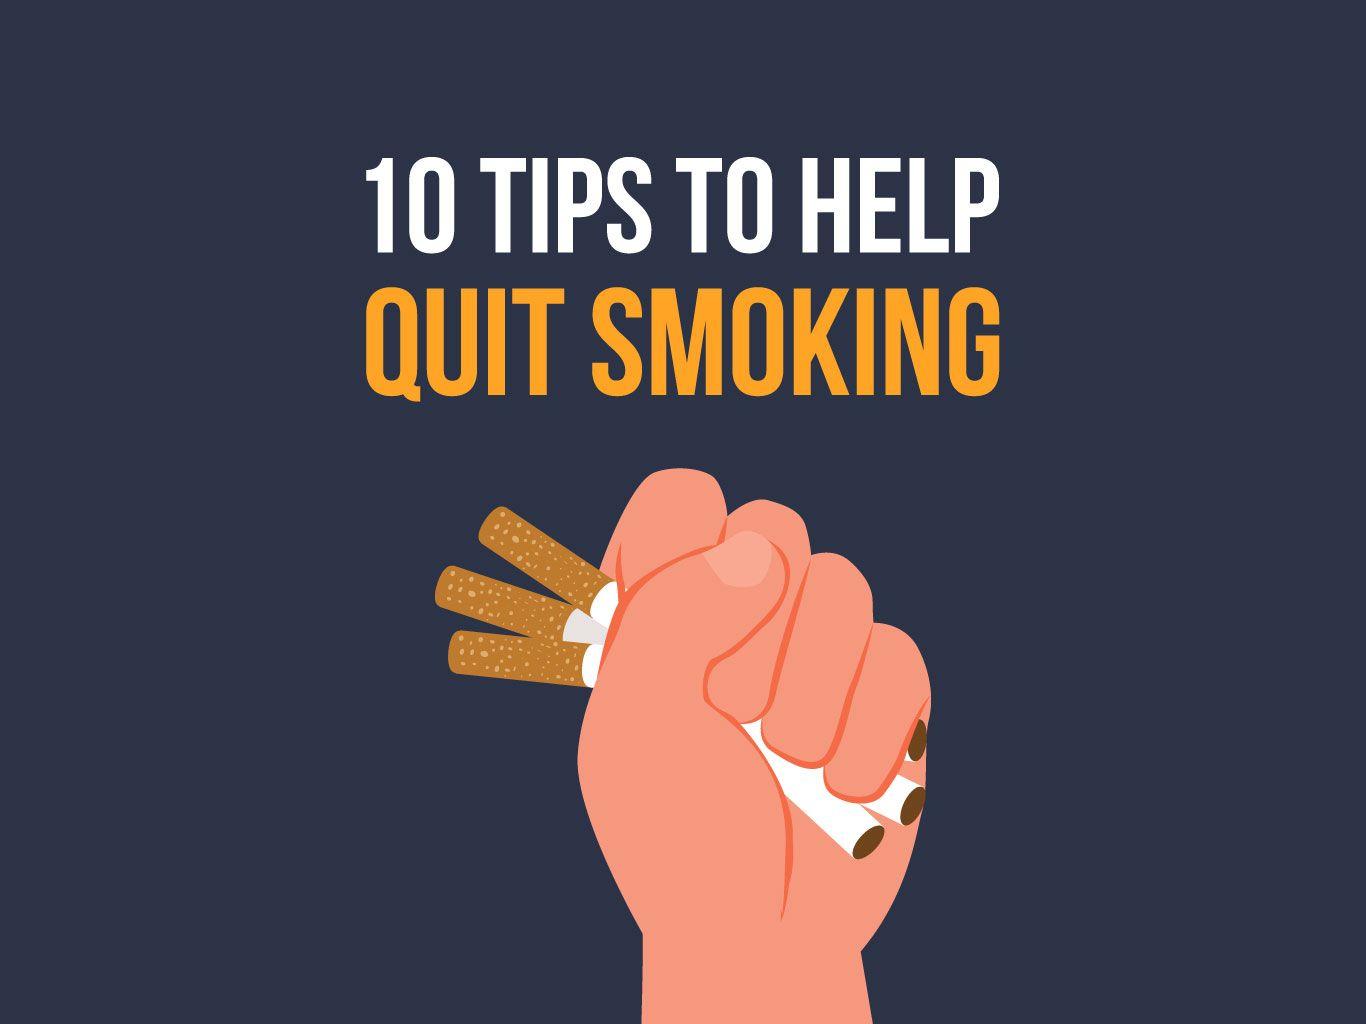 Tips to Quit Smoking